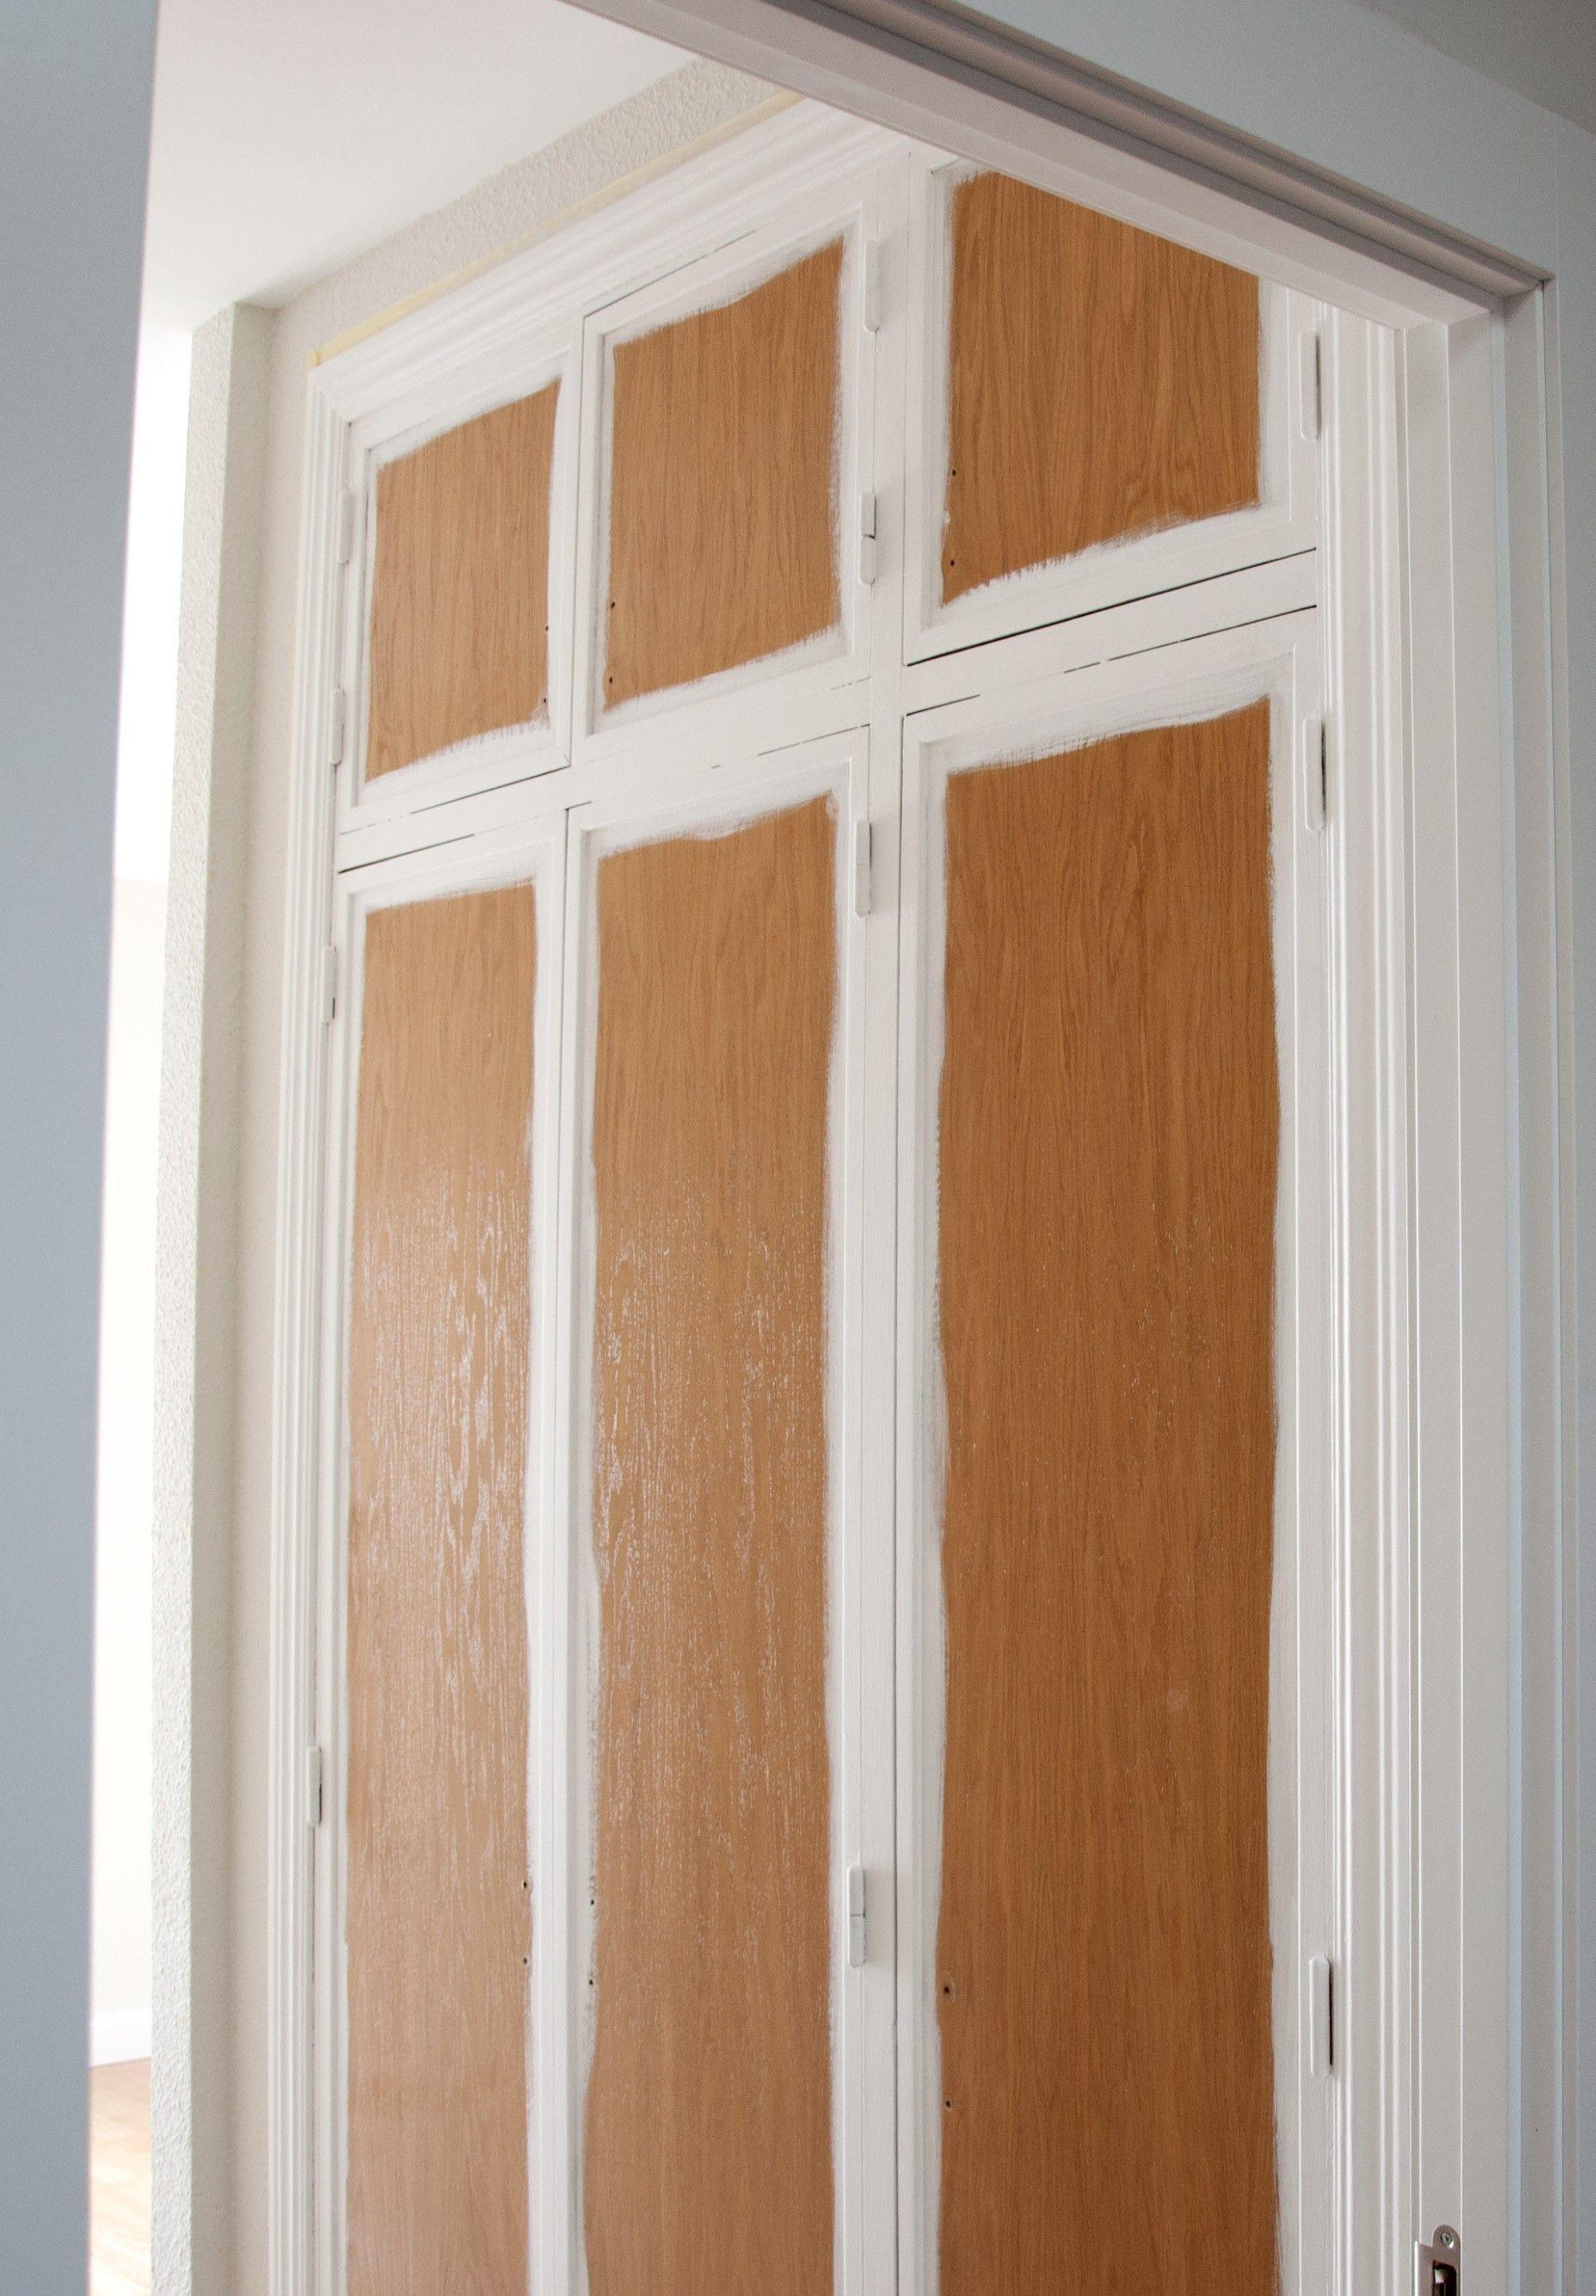 Antes Y Después Cómo Forrar Las Puertas De Un Armario Empotrado Con Vinilo Blanco Mate Puertas Armarios Empotrados Puertas De Armario Pintadas Puertas Armarios